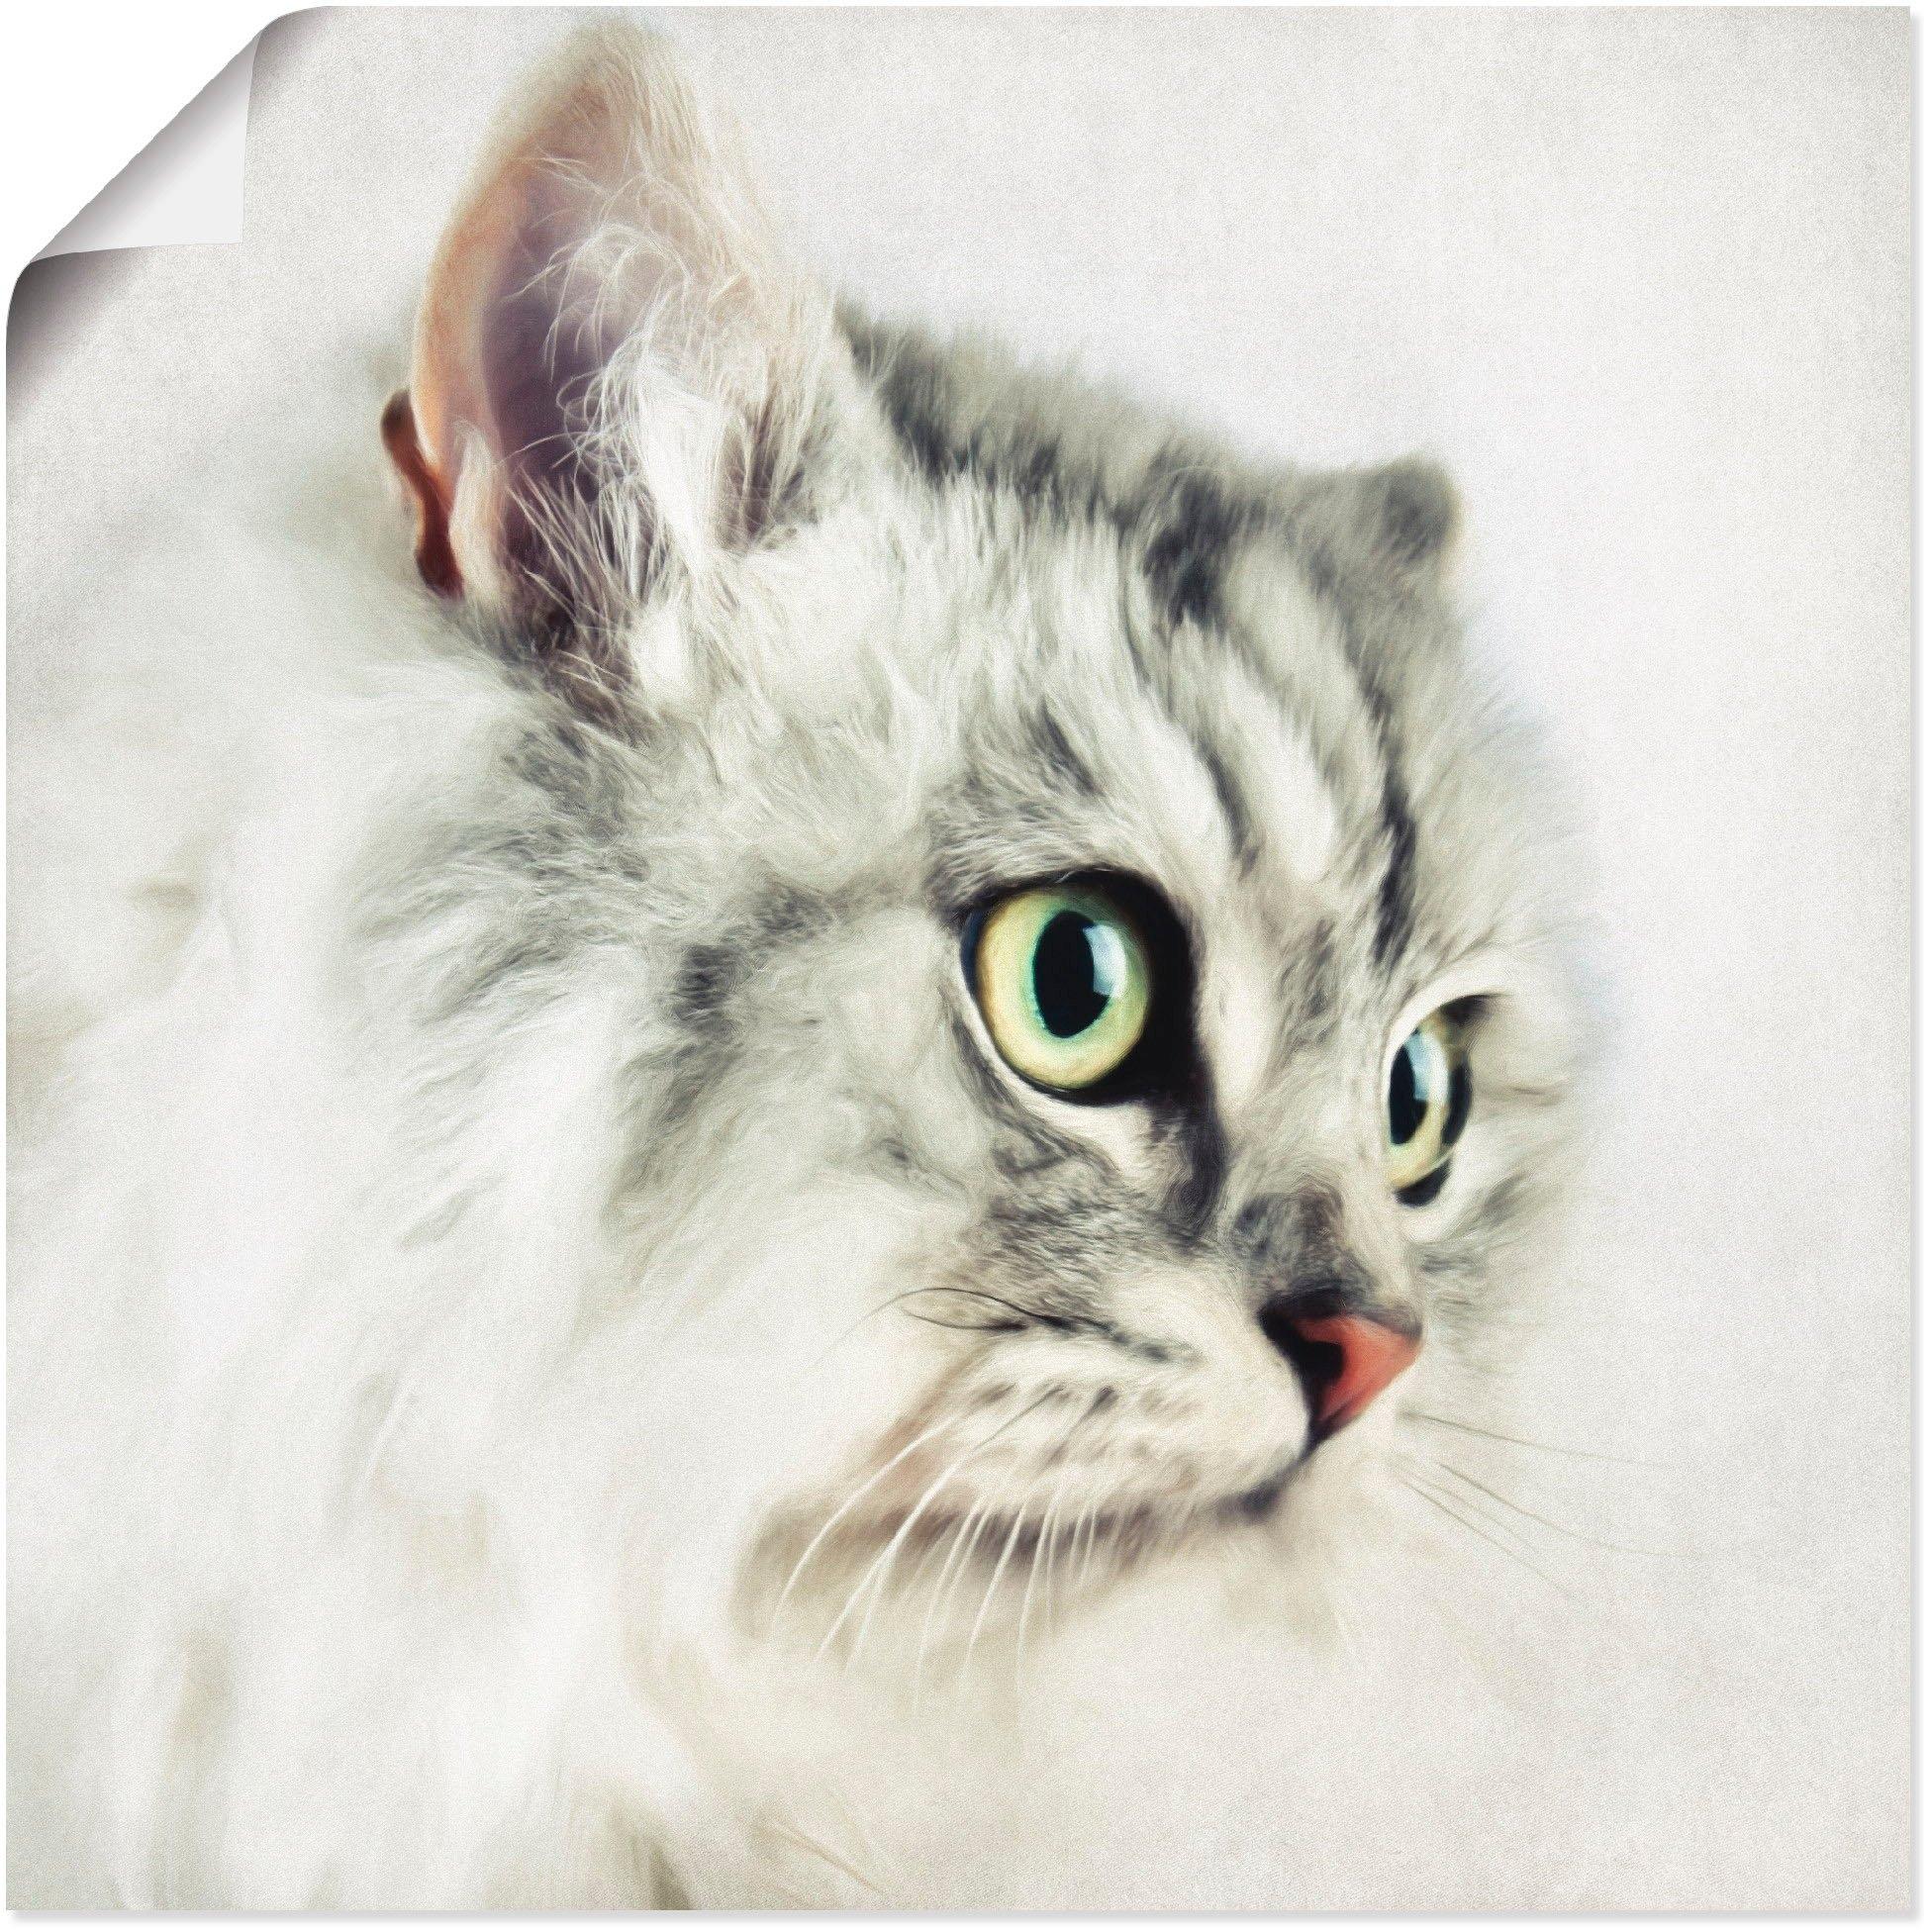 Artland artprint Kattenportret in vele afmetingen & productsoorten - artprint van aluminium / artprint voor buiten, artprint op linnen, poster, muursticker / wandfolie ook geschikt voor de badkamer (1 stuk) - gratis ruilen op otto.nl